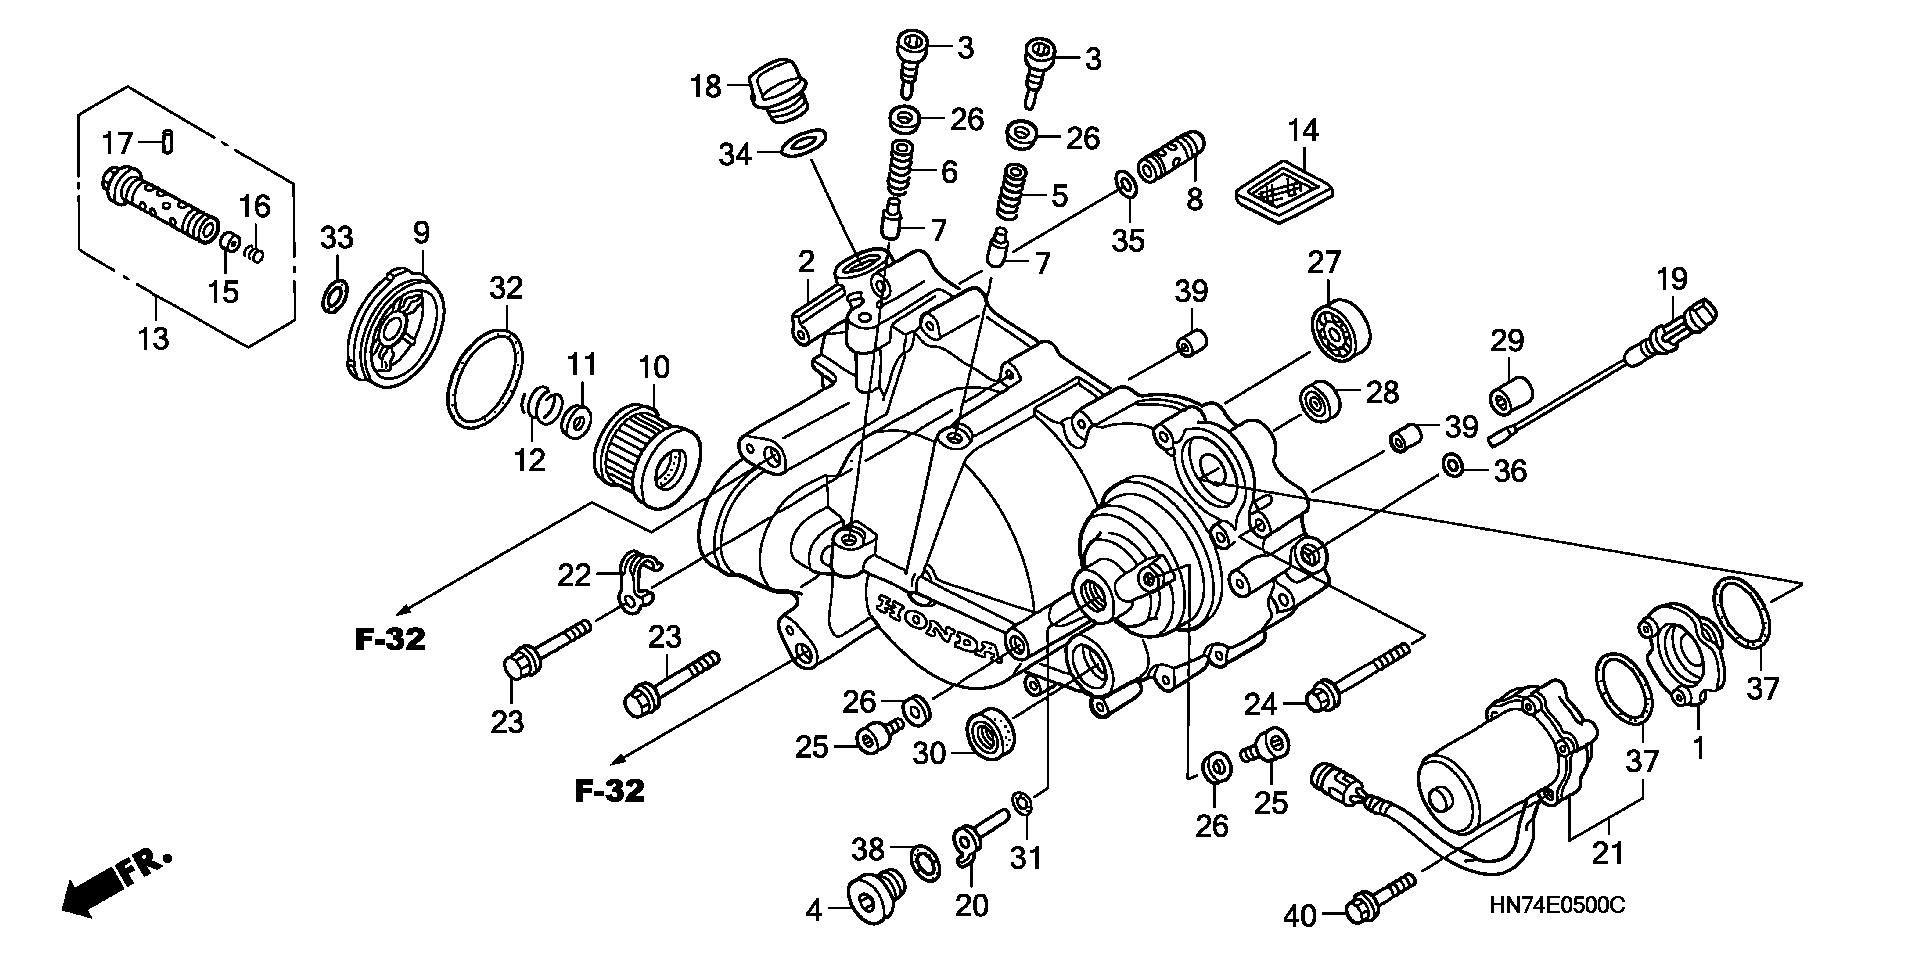 [DIAGRAM] 400ex Engine Diagram